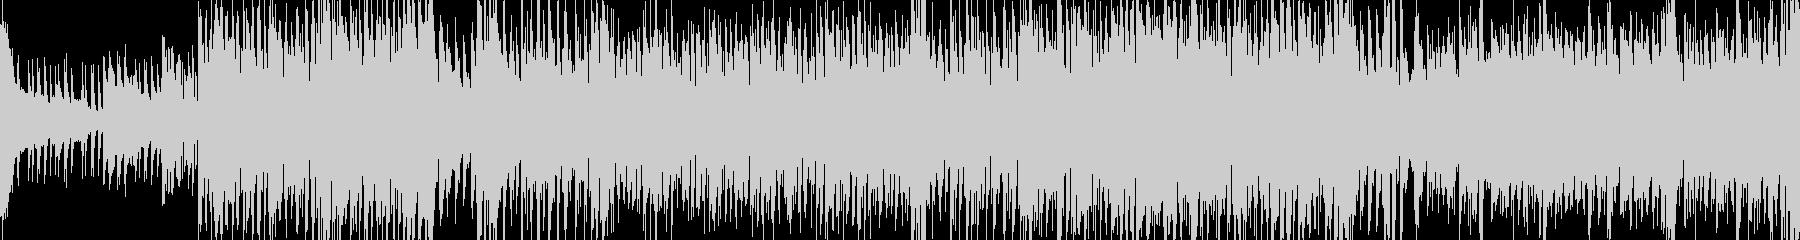 和楽器による疾走感のあるBGMの未再生の波形